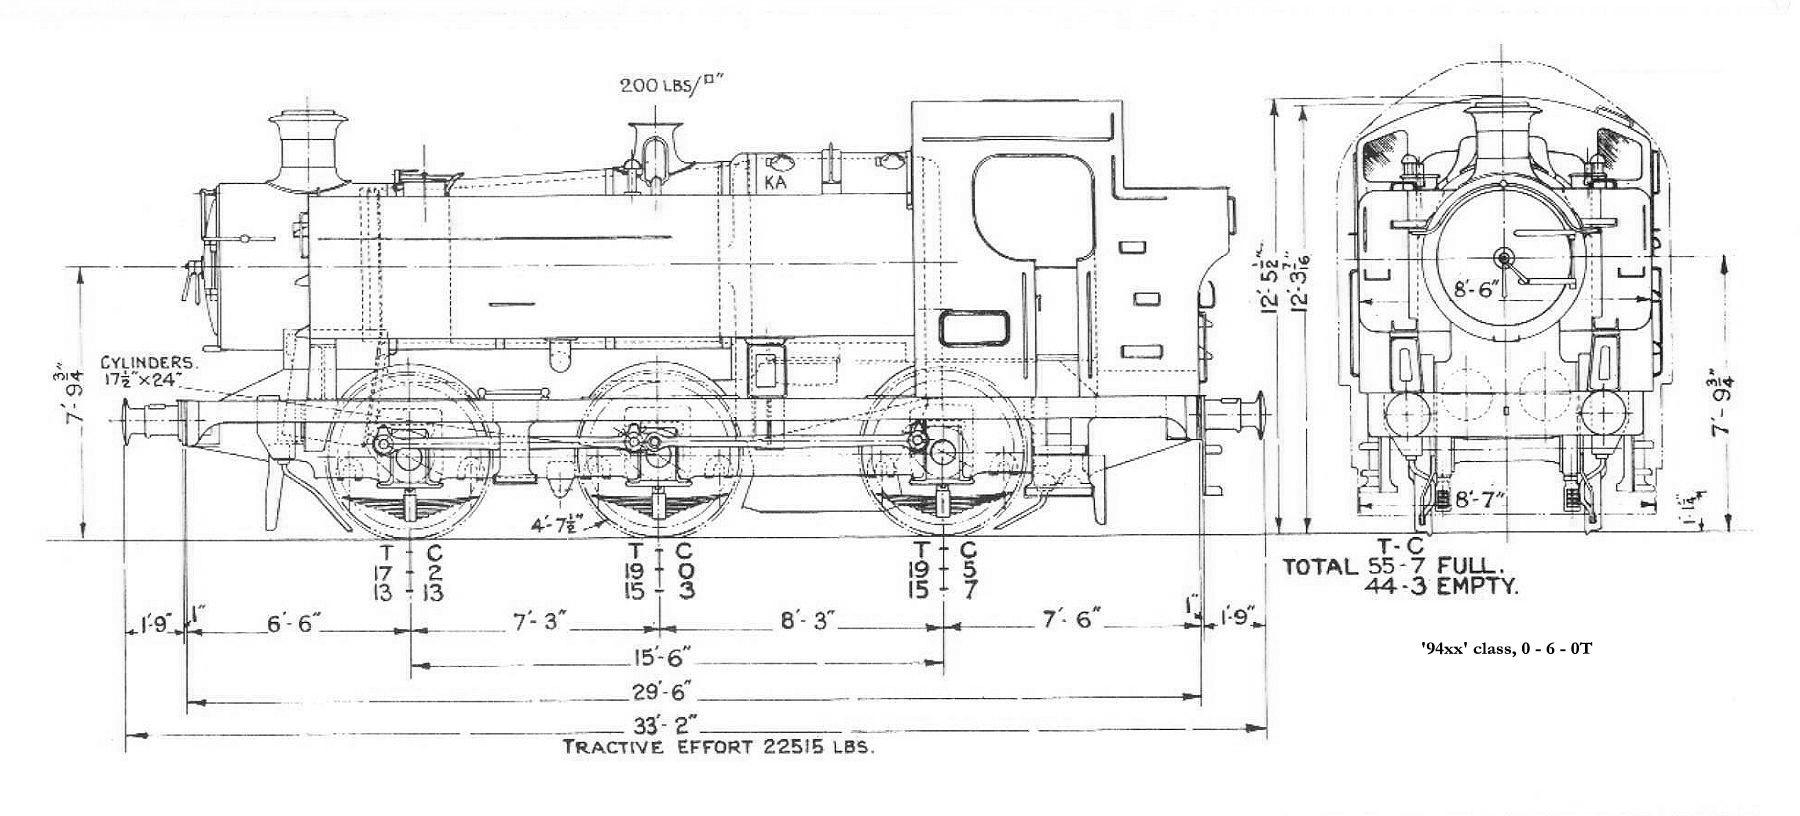 Steam Engine Schematics Wiring Library Ln167 Hilux Sump